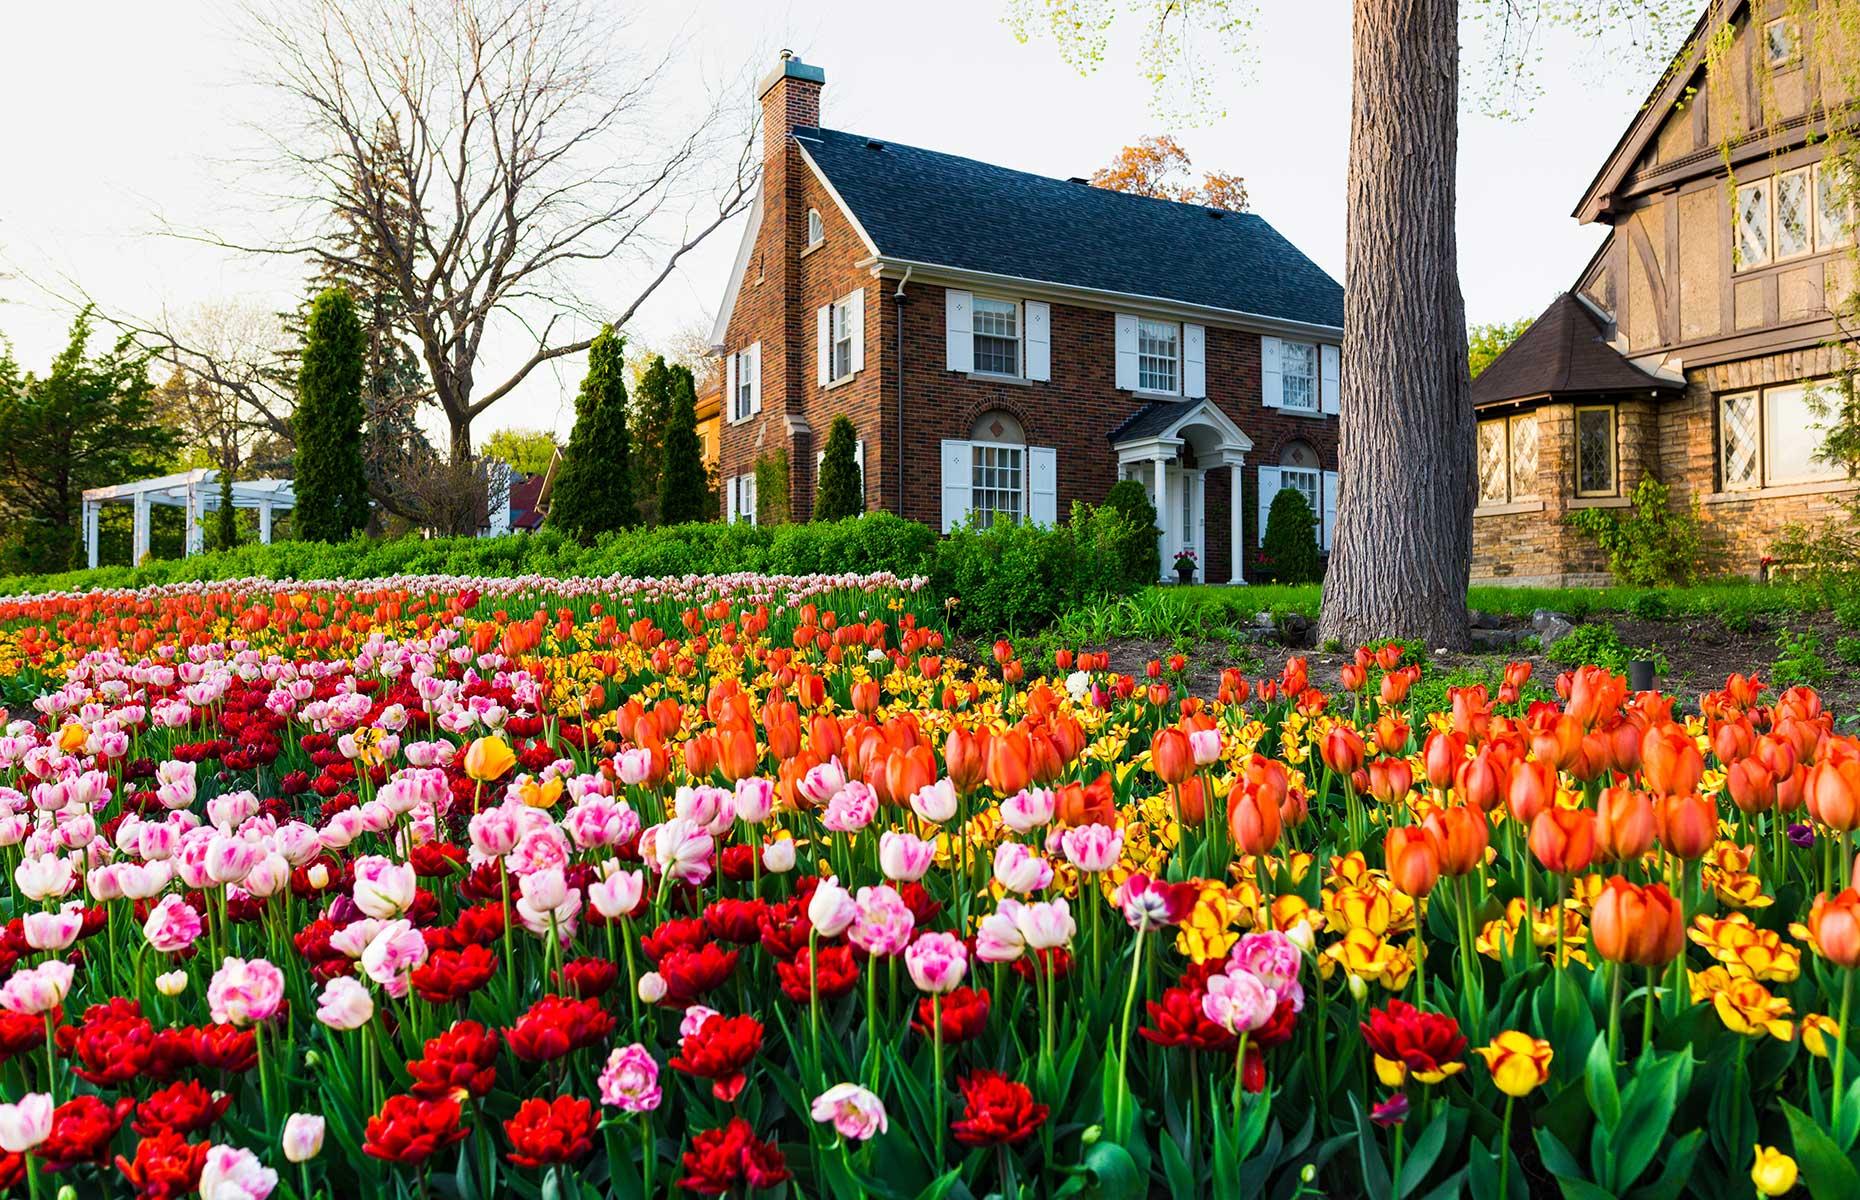 Tulip festival, Ottawa, Ontario, Canada (Image: Facto Photo/Shutterstock)